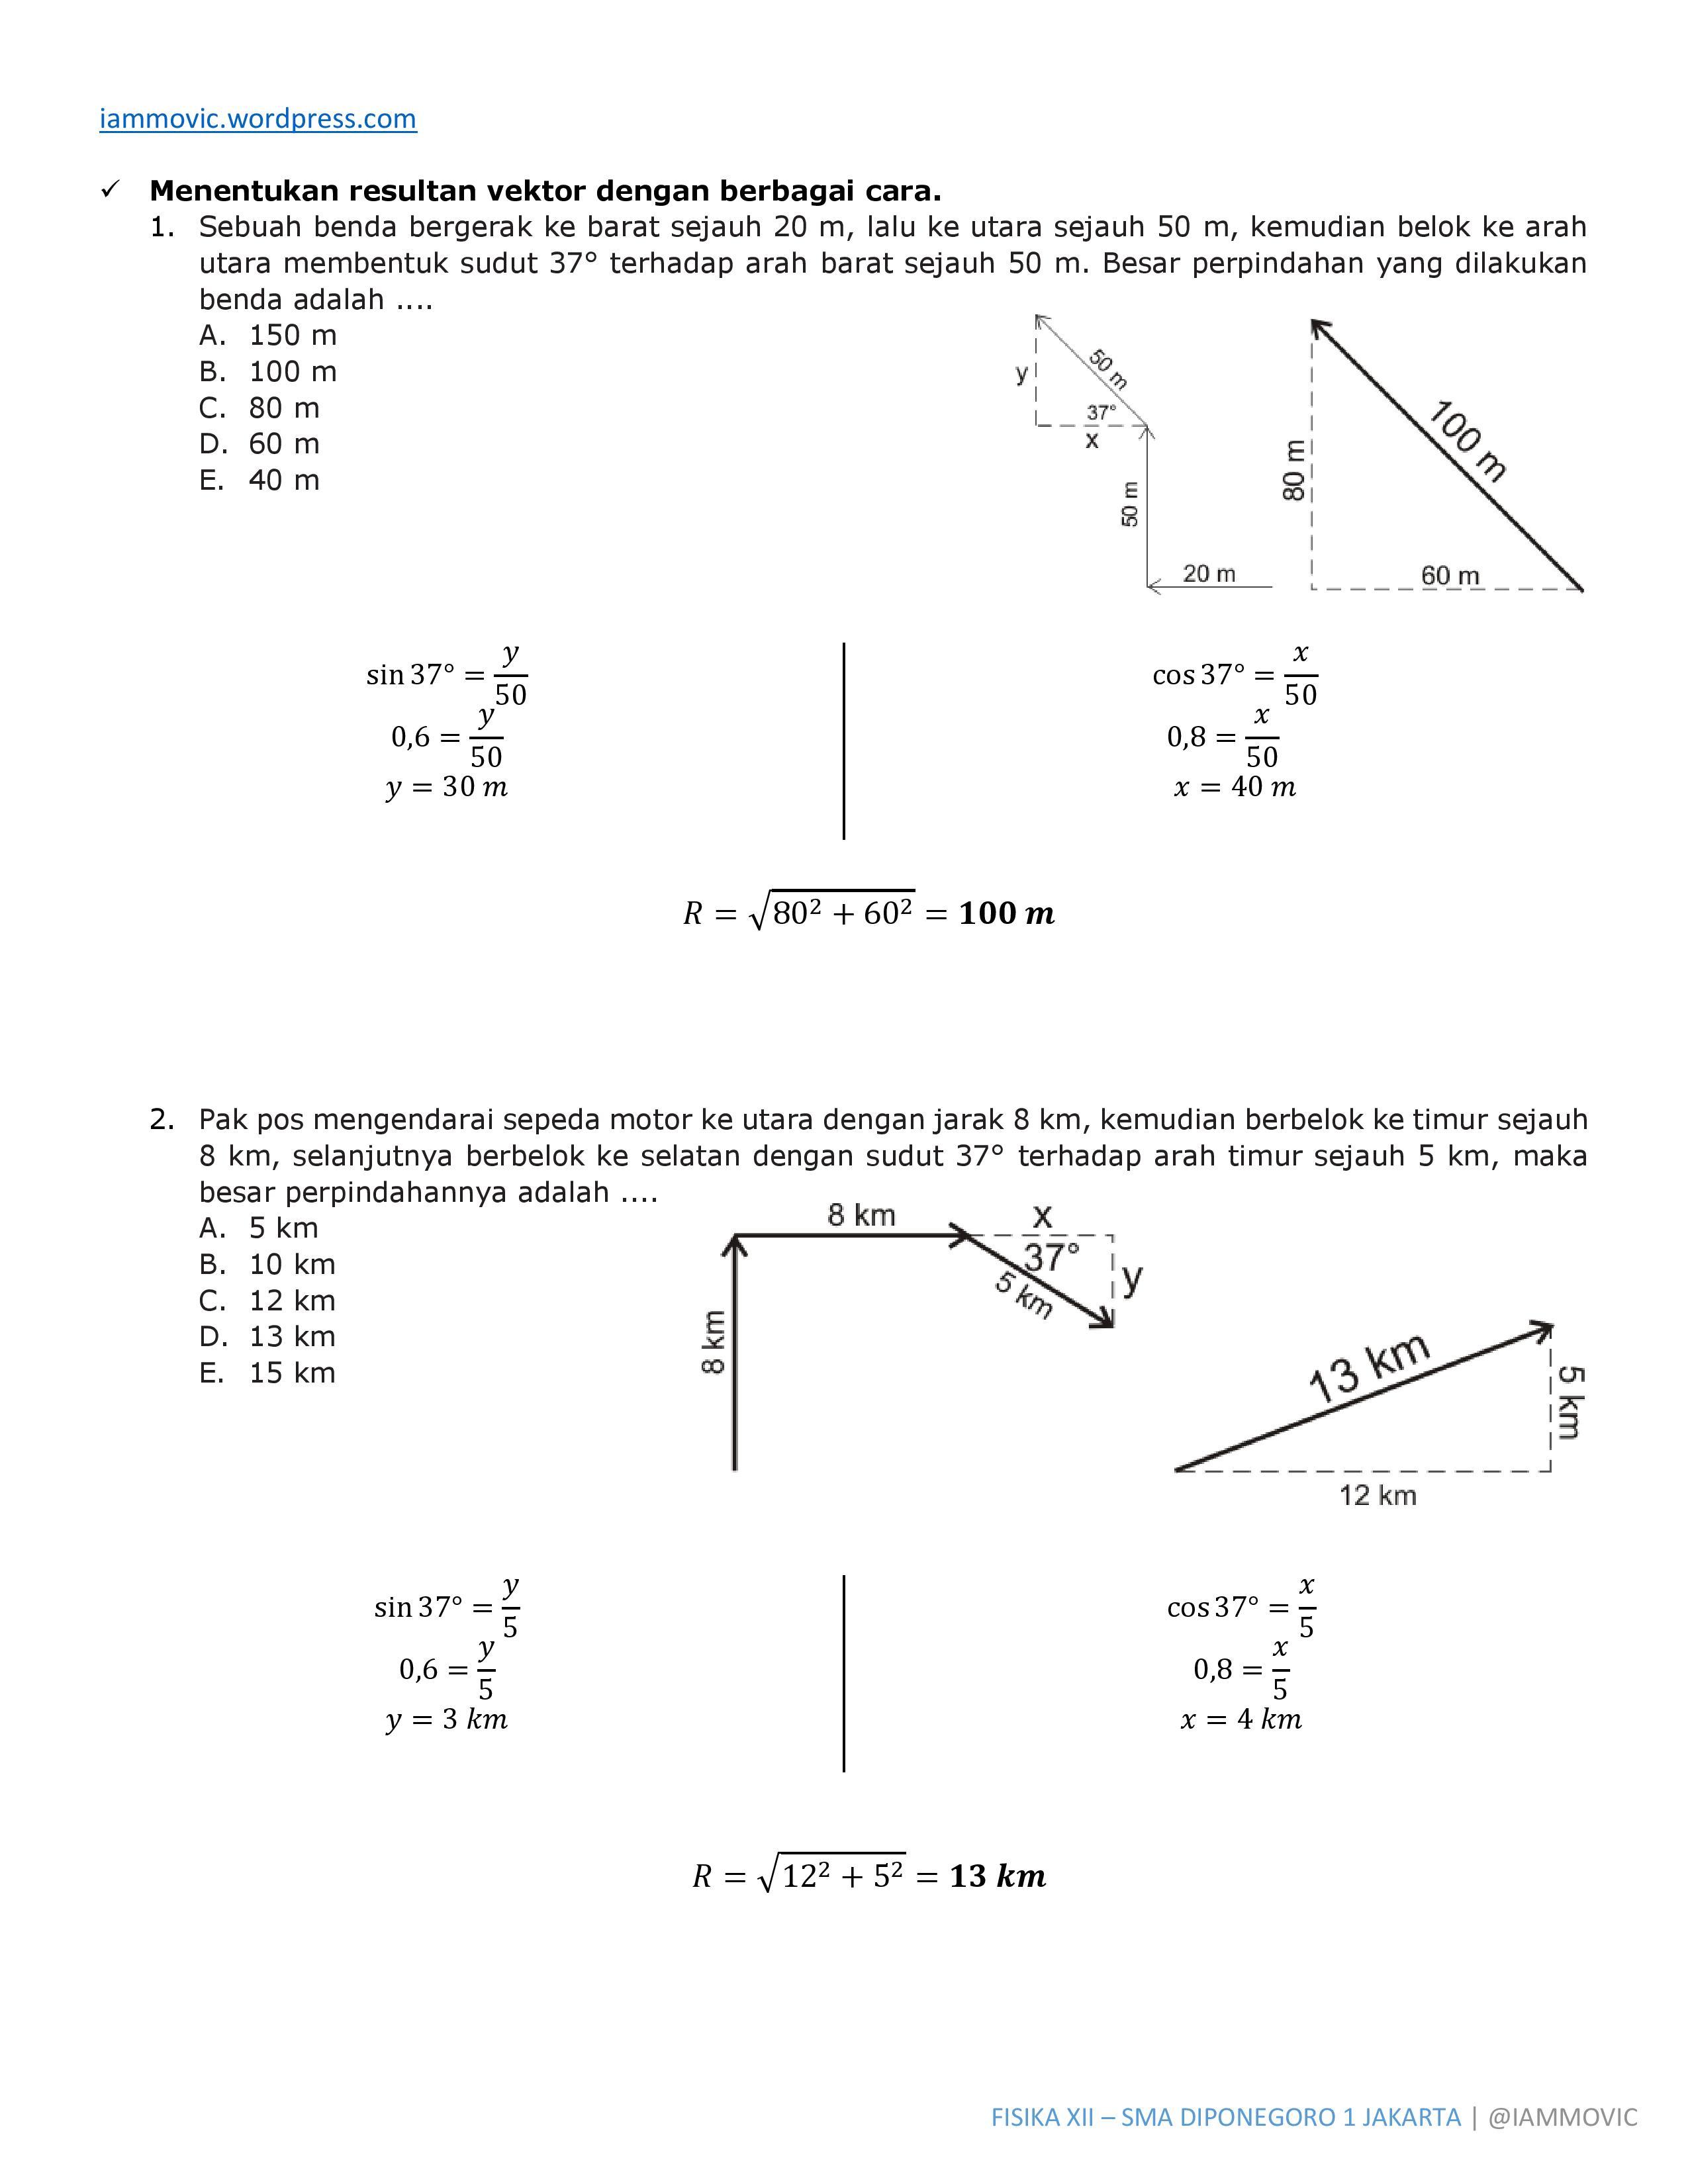 Pembahasan Soal Fisika Vektor Iammovic